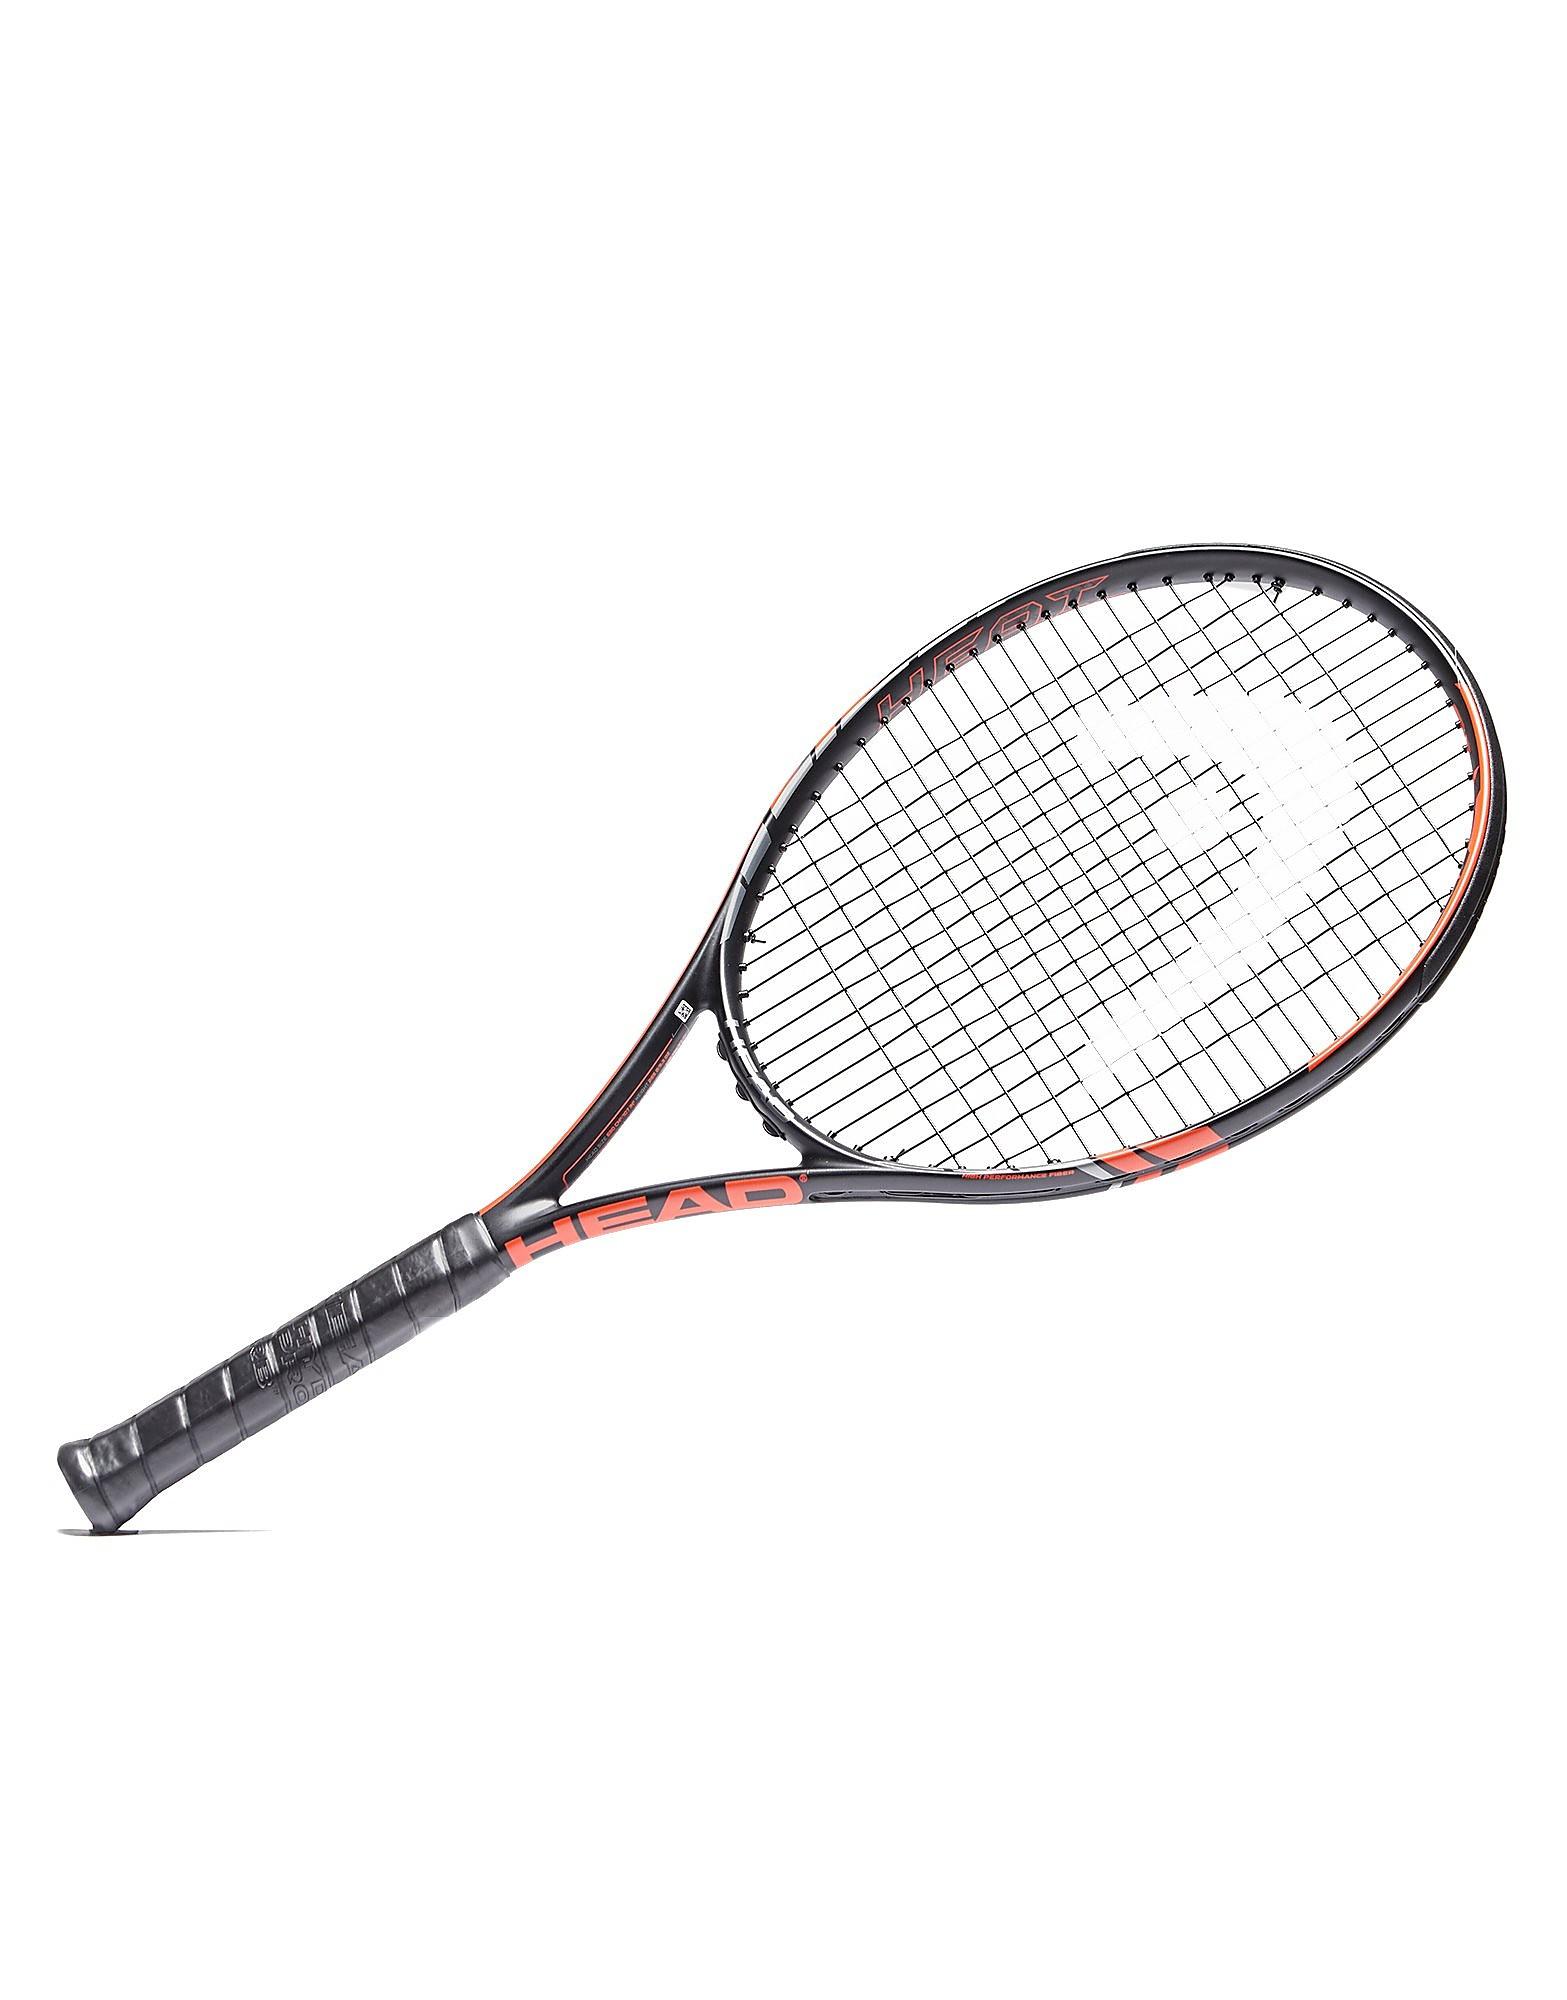 Head IG Heat Pro Tennis Racket